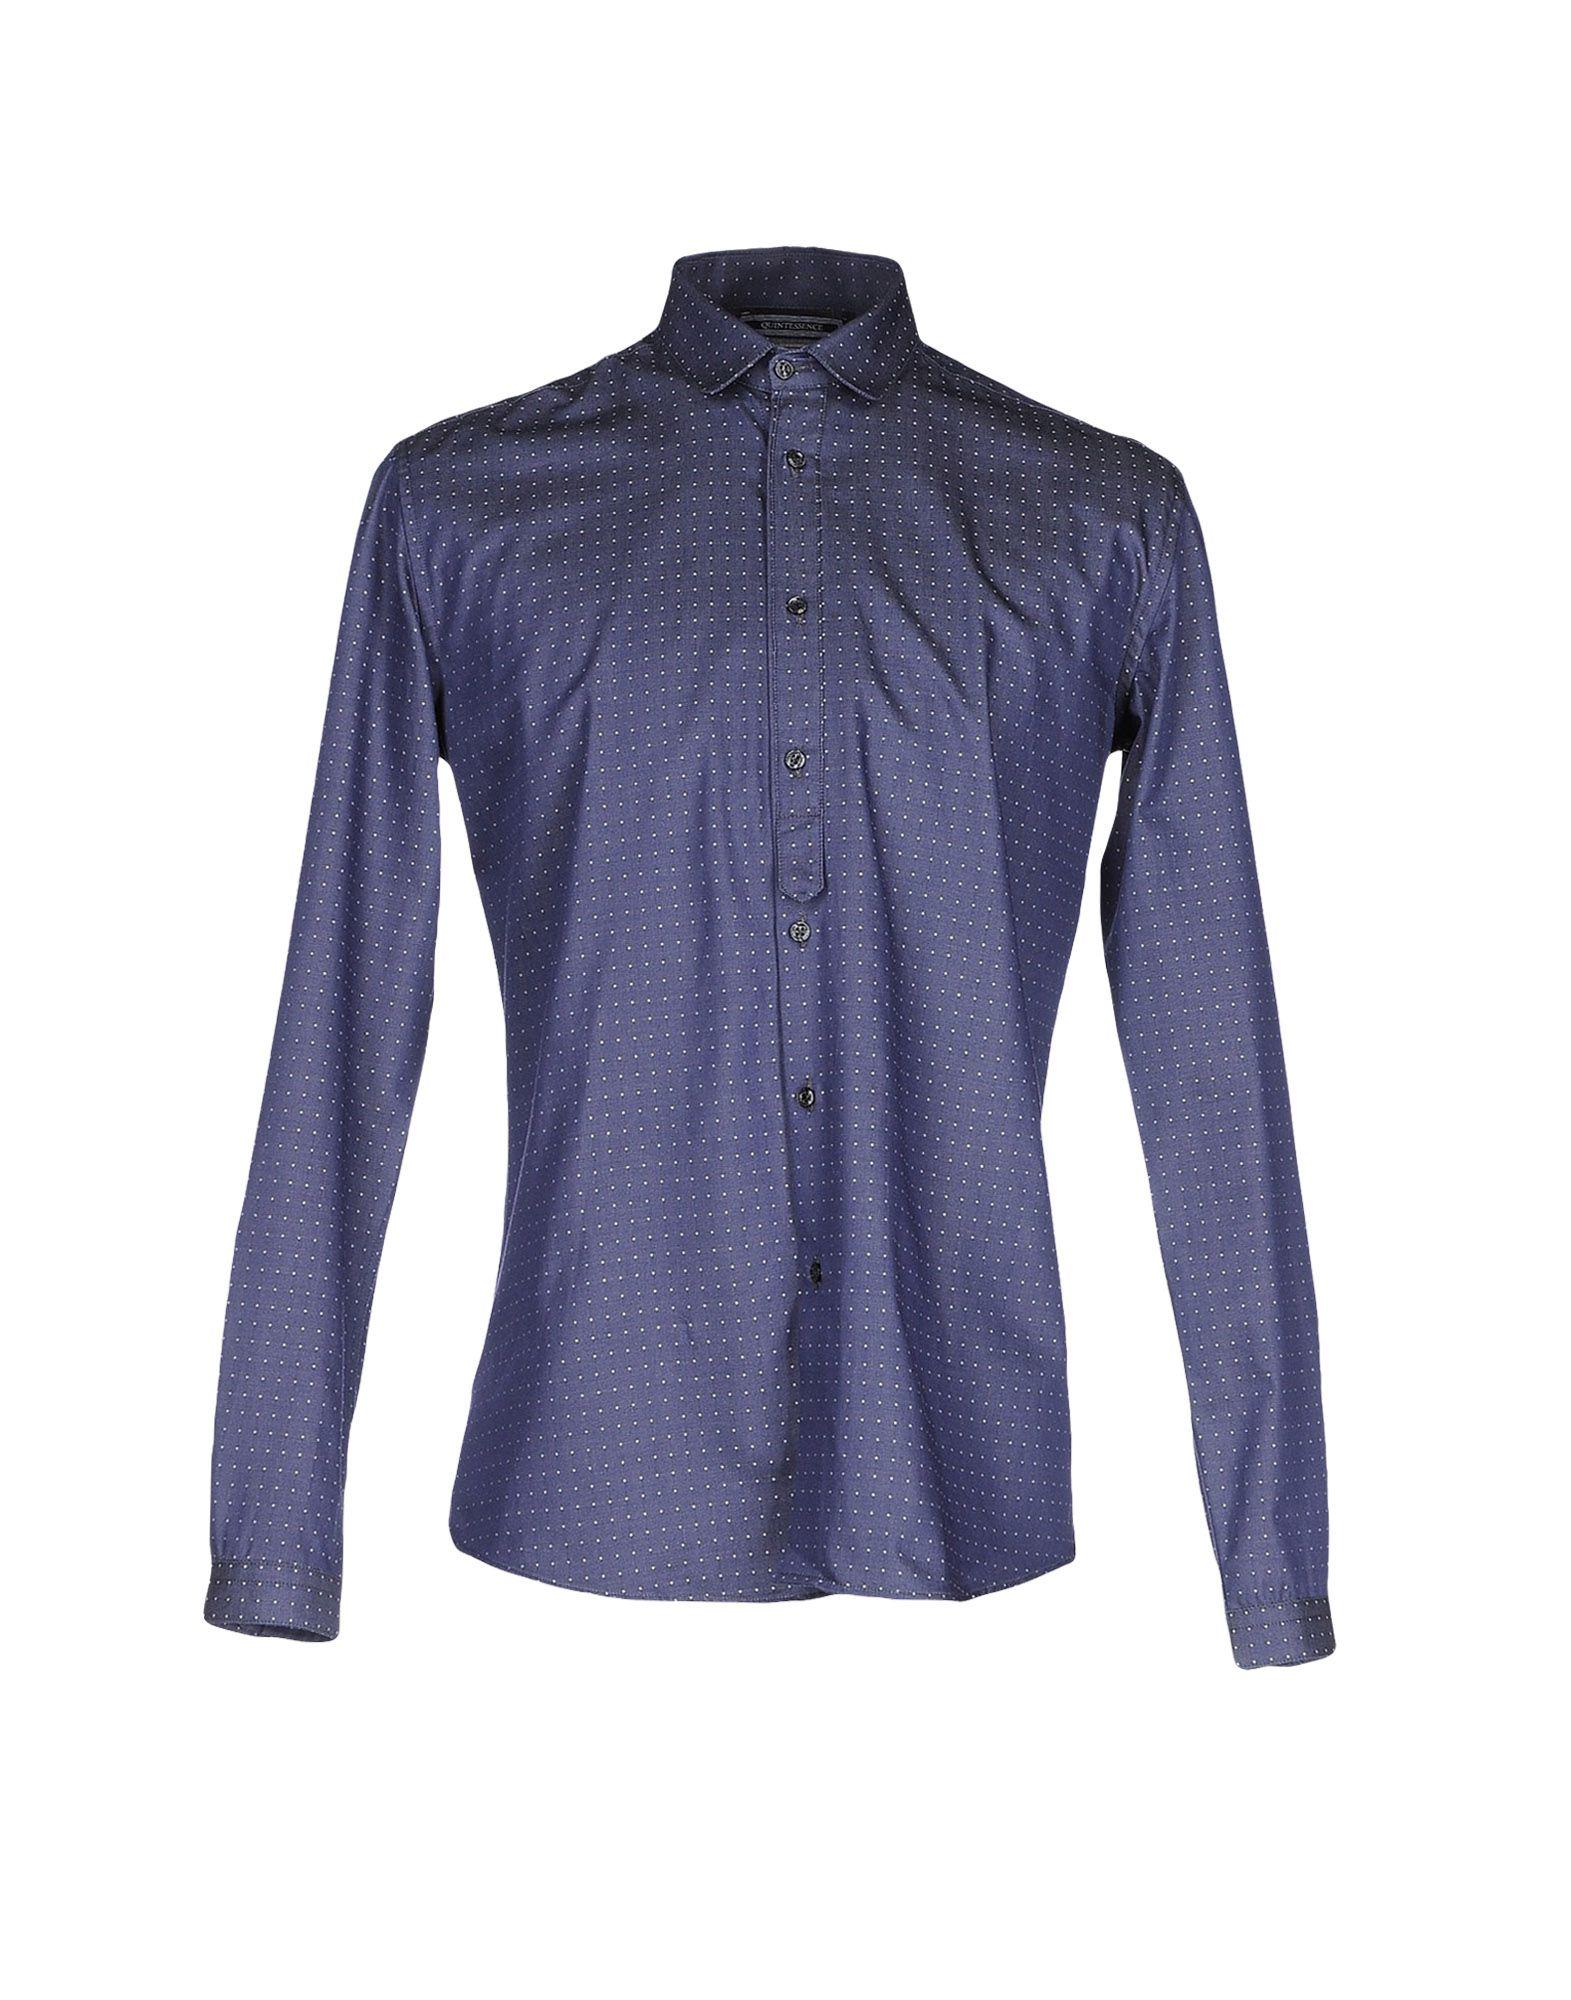 《送料無料》QUINTESSENCE メンズ デニムシャツ ブルー M コットン 100%